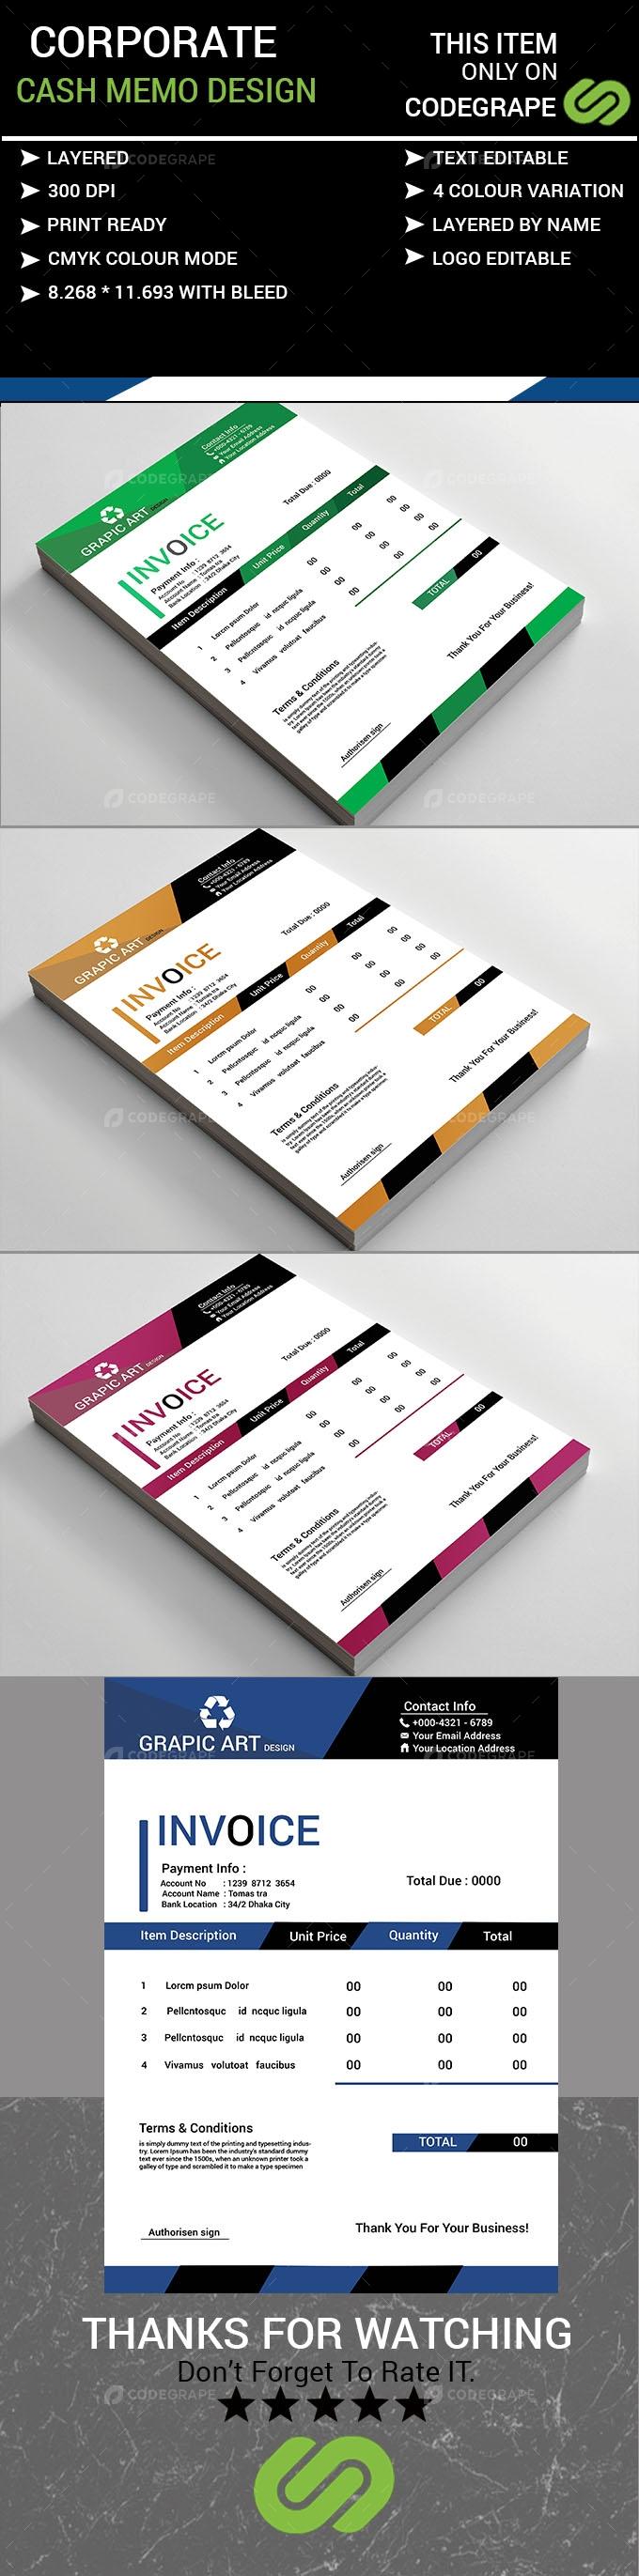 Cash Memo Design